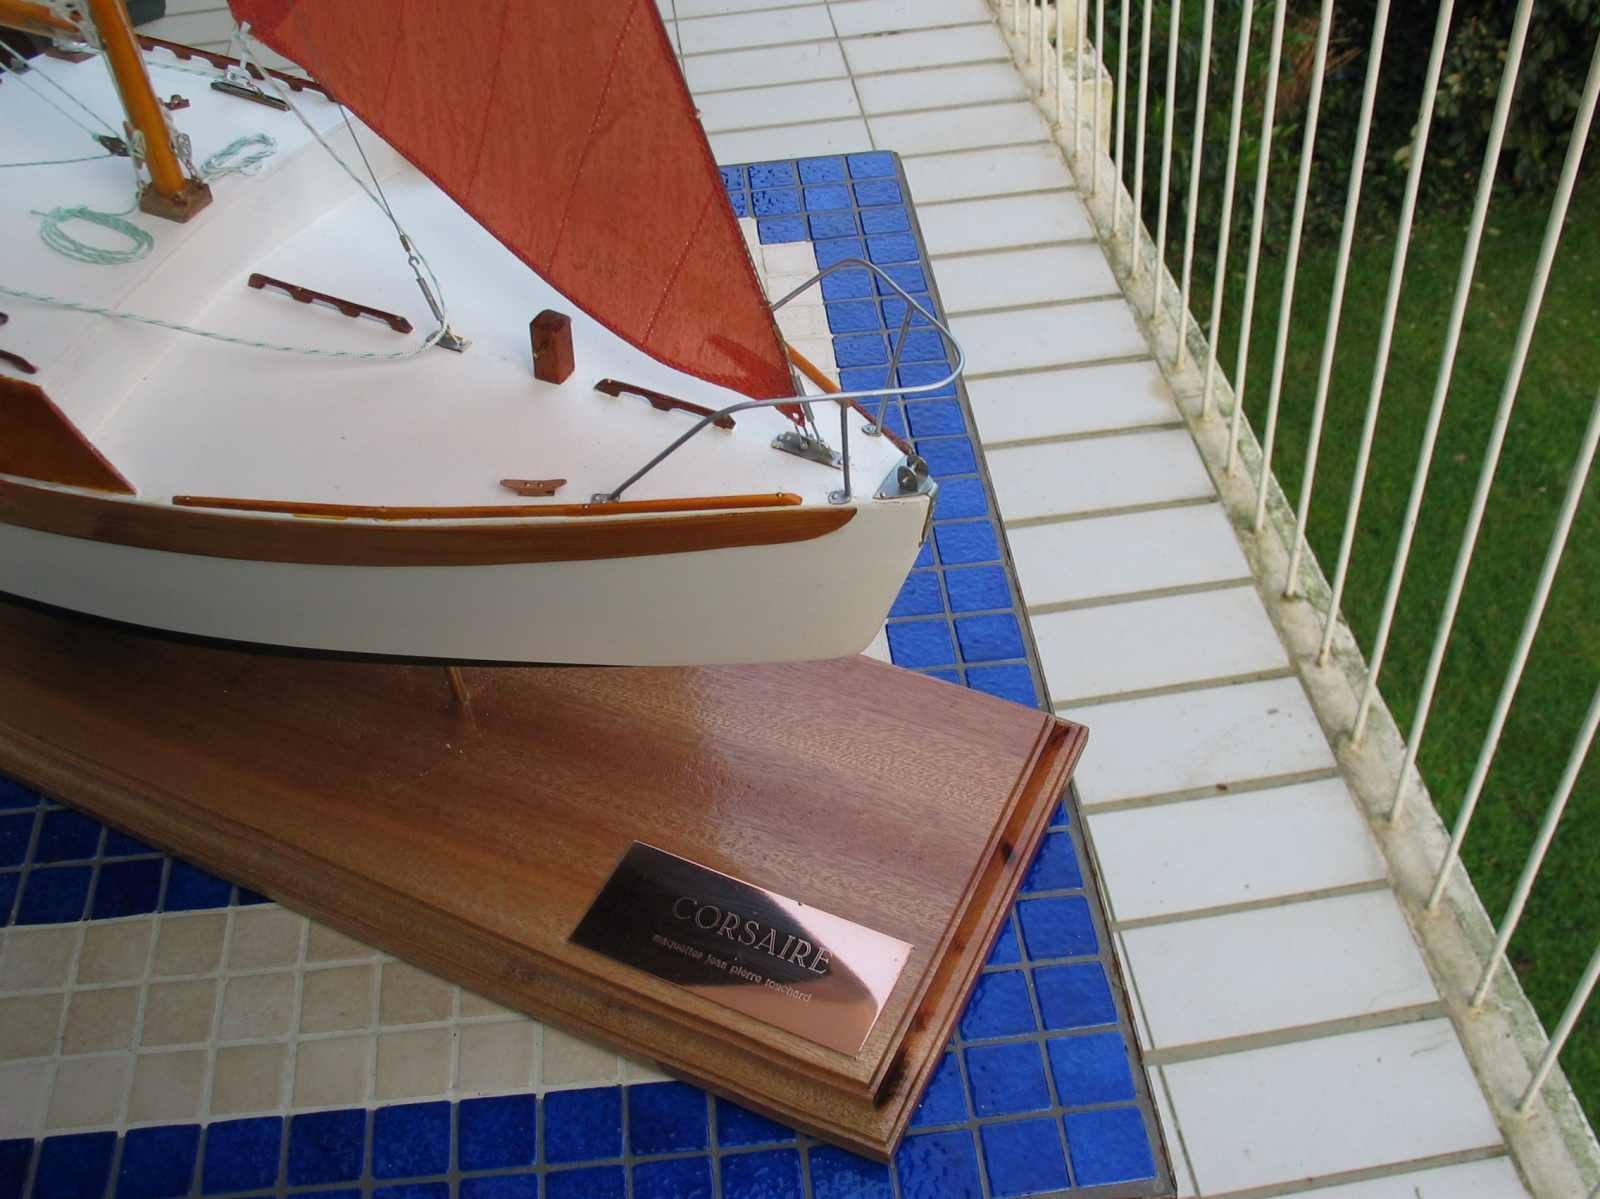 Maquette de Corsaire Bateau de plaisance Voilier croiseur côtier